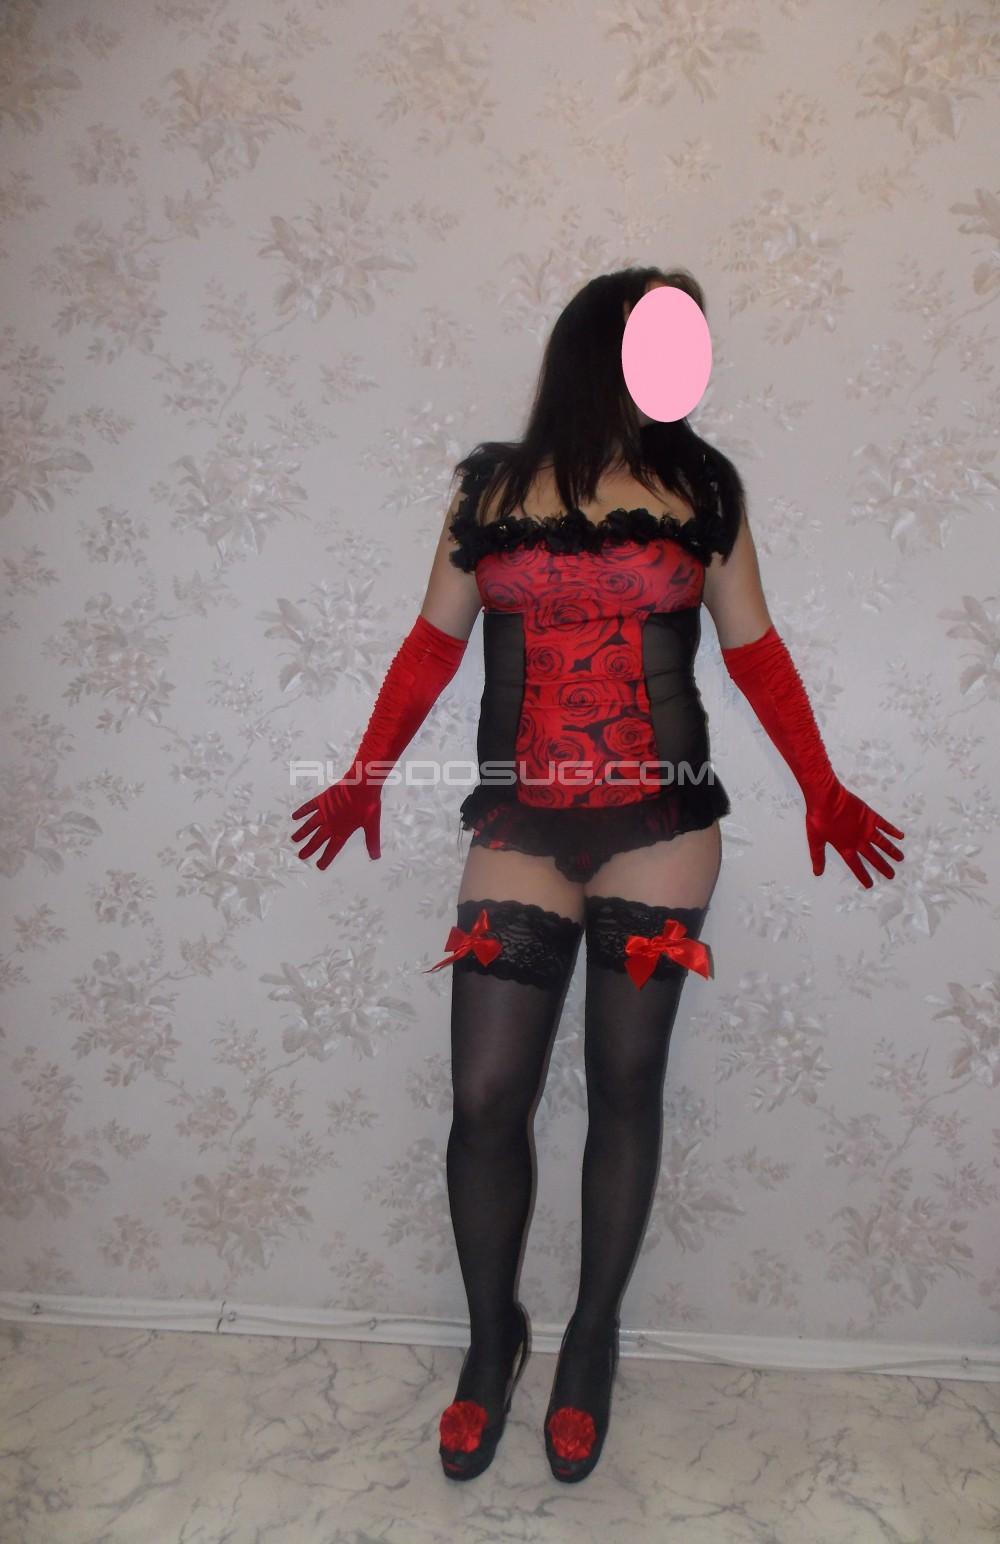 proverennie-prostitutki-tyumeni